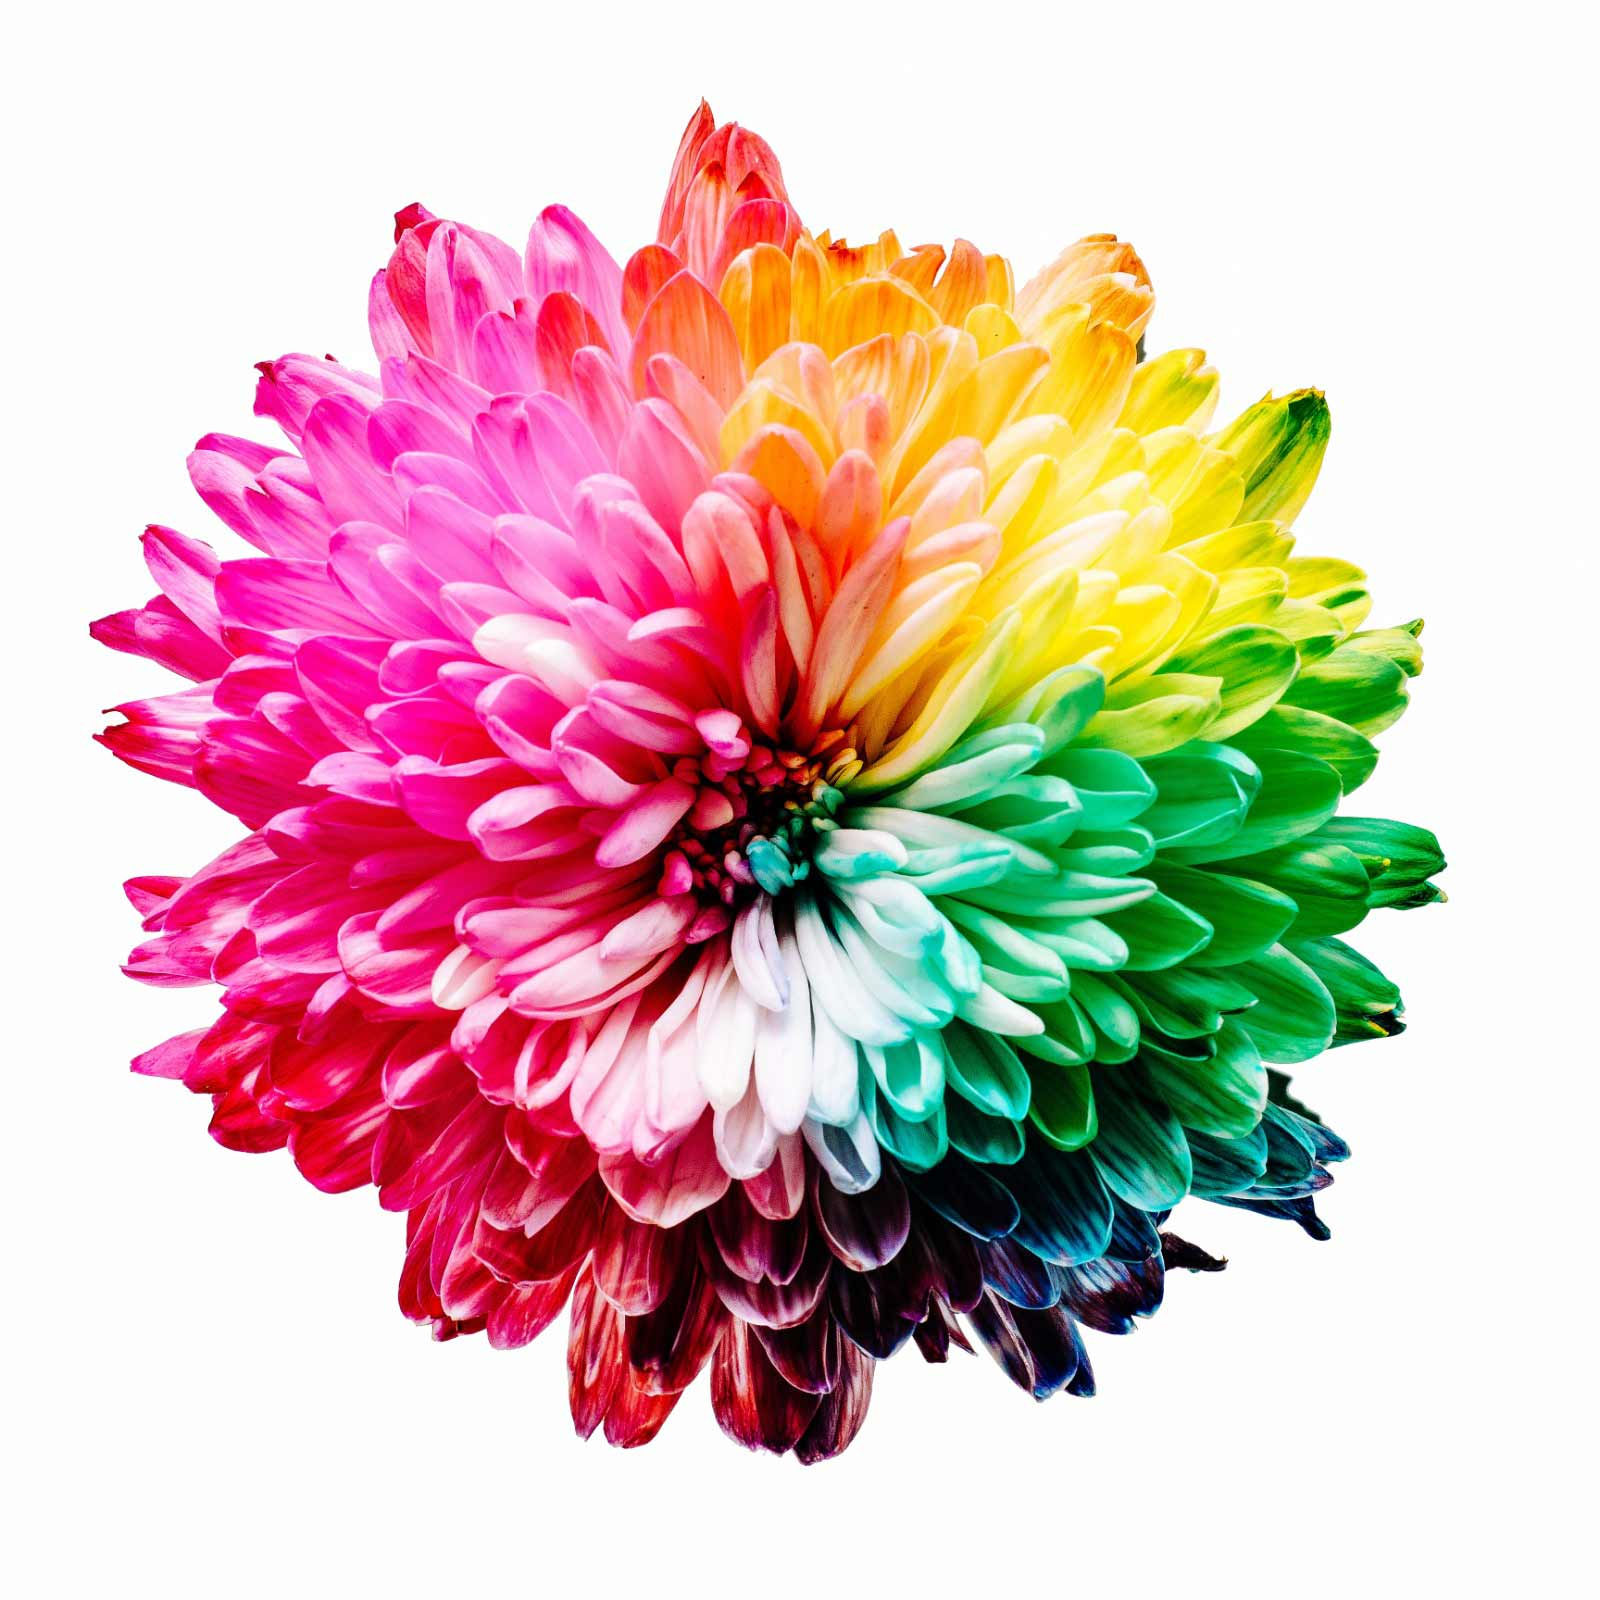 Tendenze colori 2020